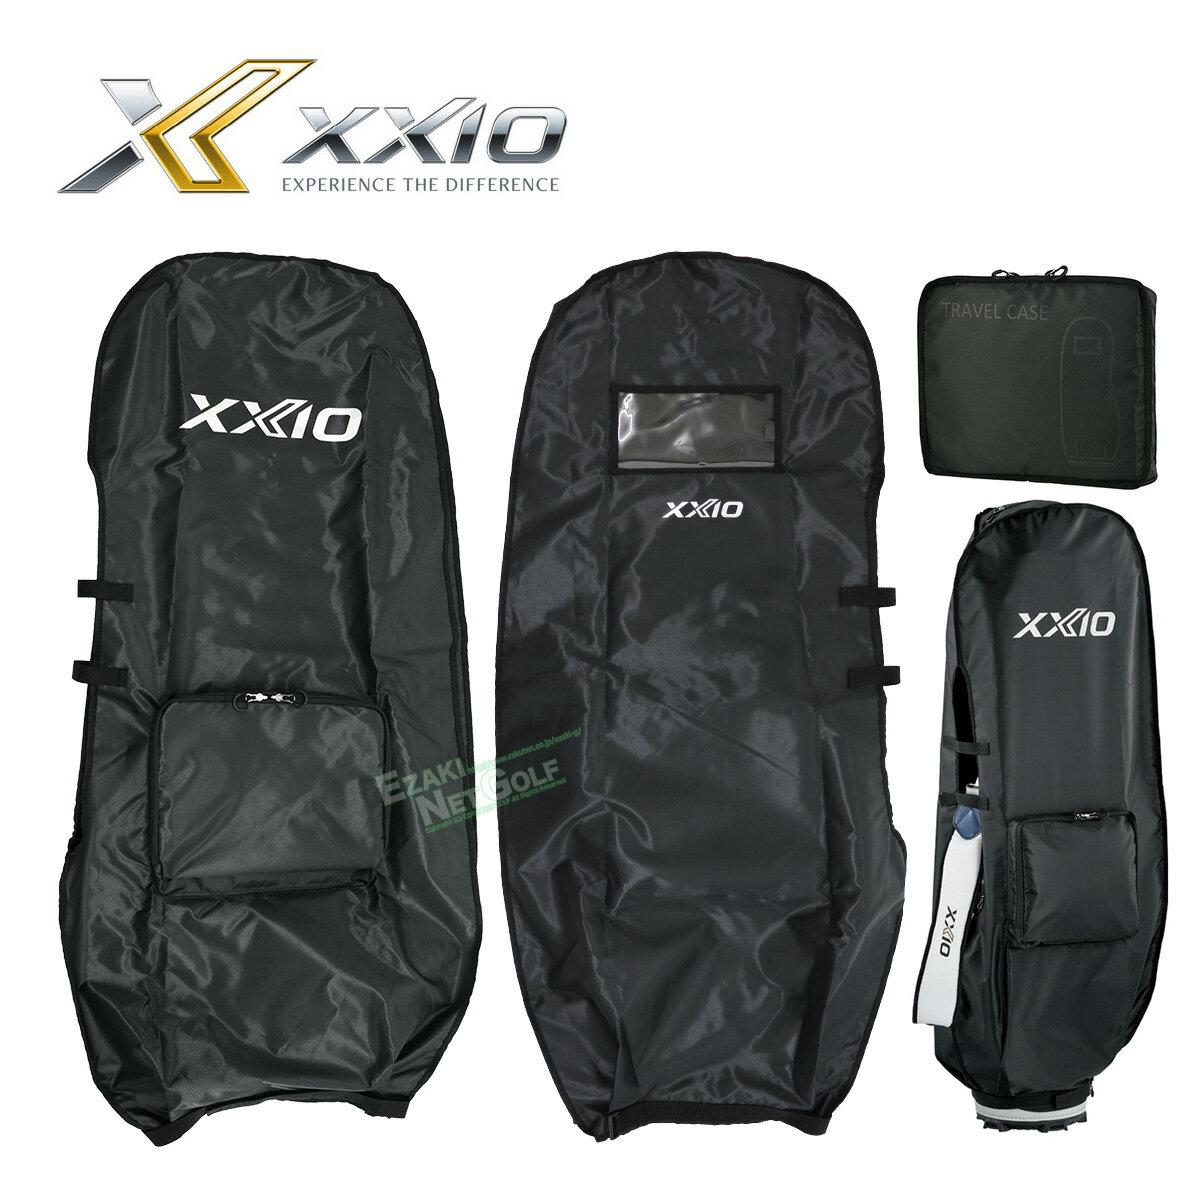 バッグ・ケース, その他 DUNLOP() XXIO() 2020 GGB-X131T